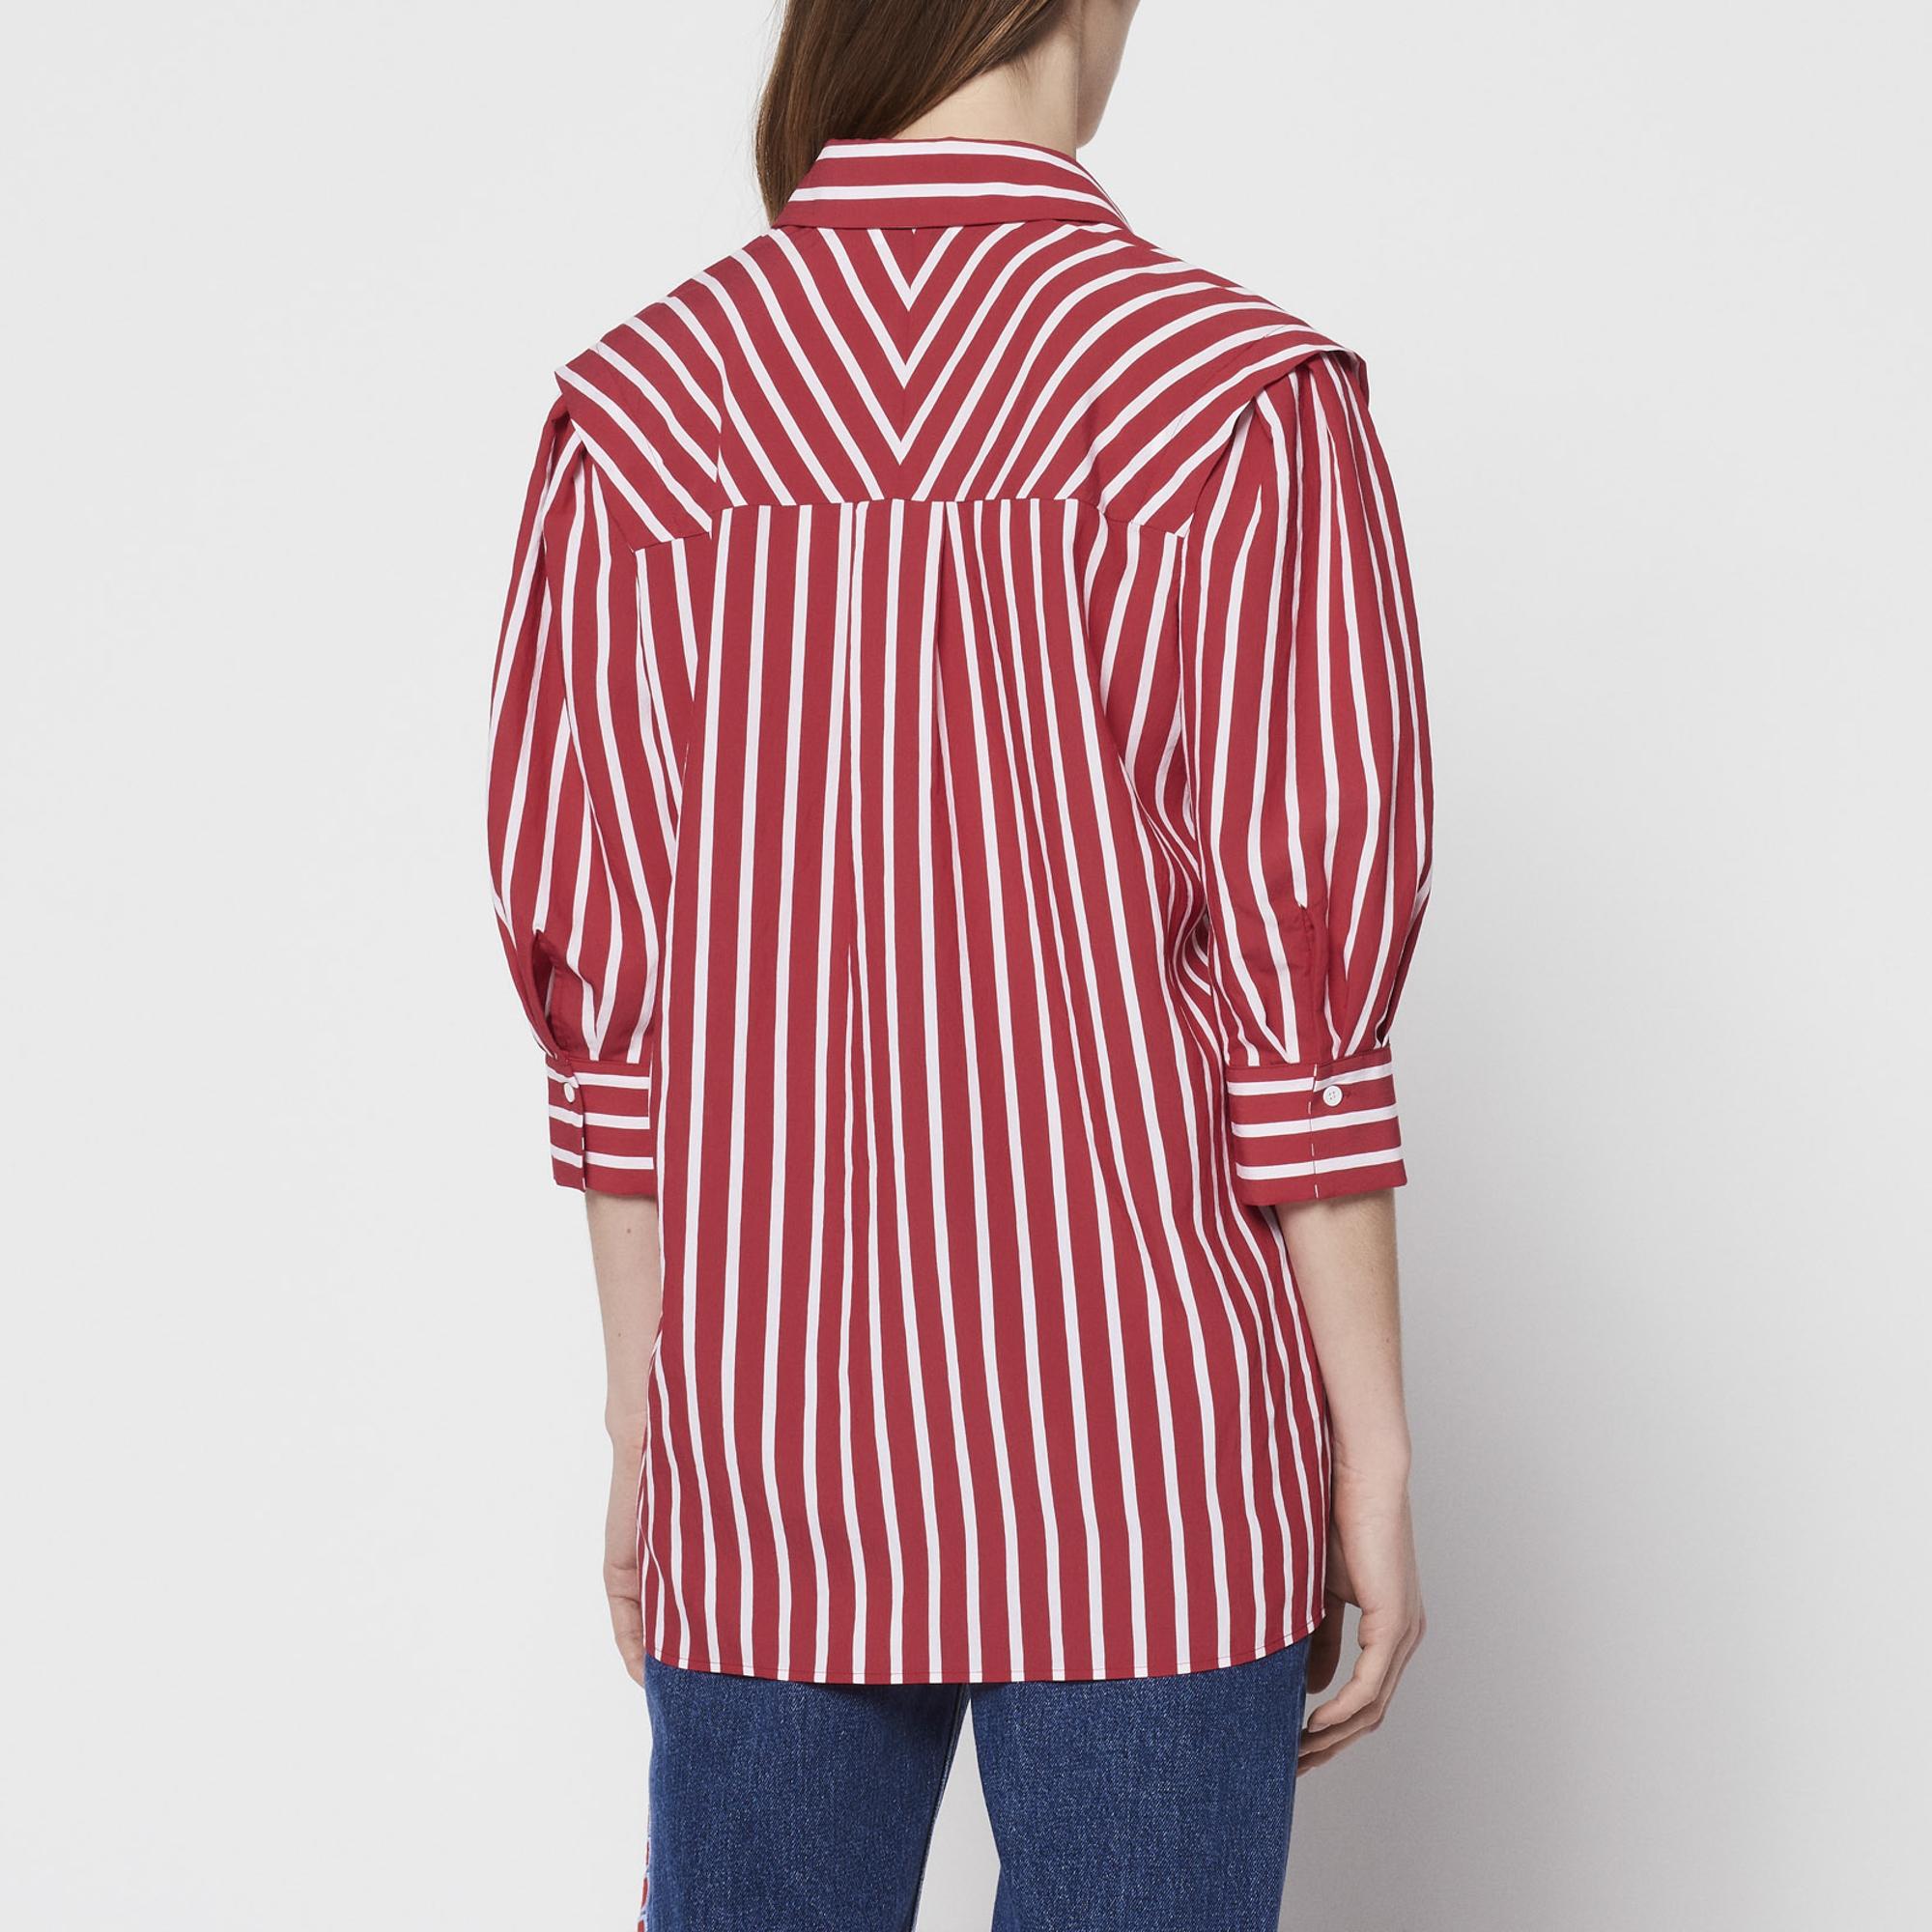 9a8eb0241f3d0 ... Rouge Cerise · Top à rayures : Collection Été couleur ...